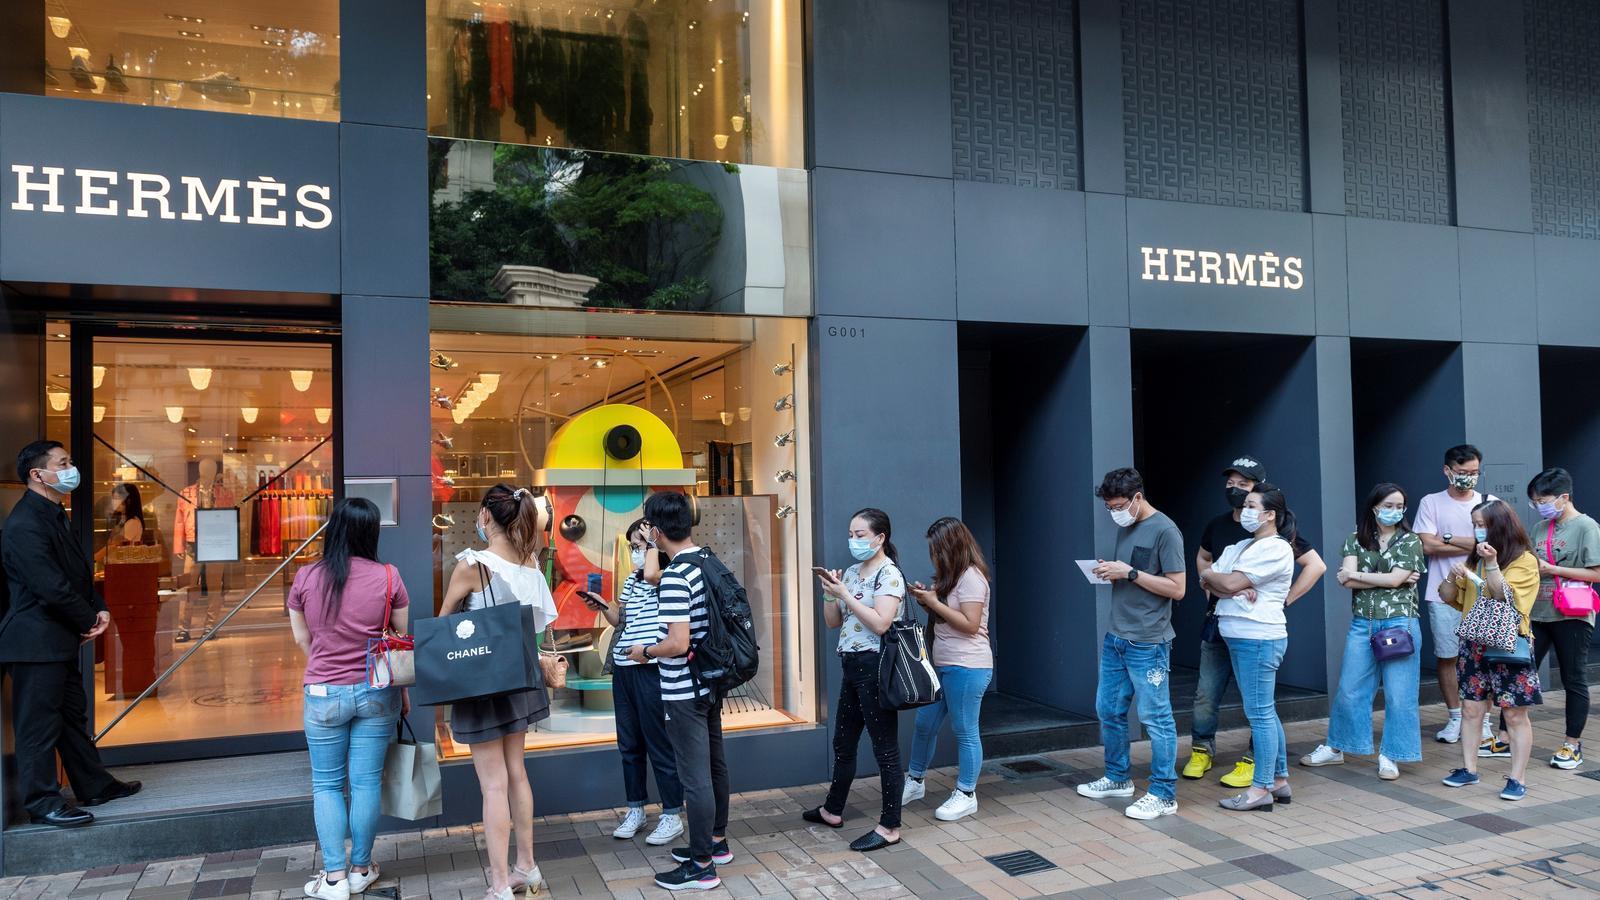 Compradors fan cua davant de la botiga d'Hermès de Hong Kong